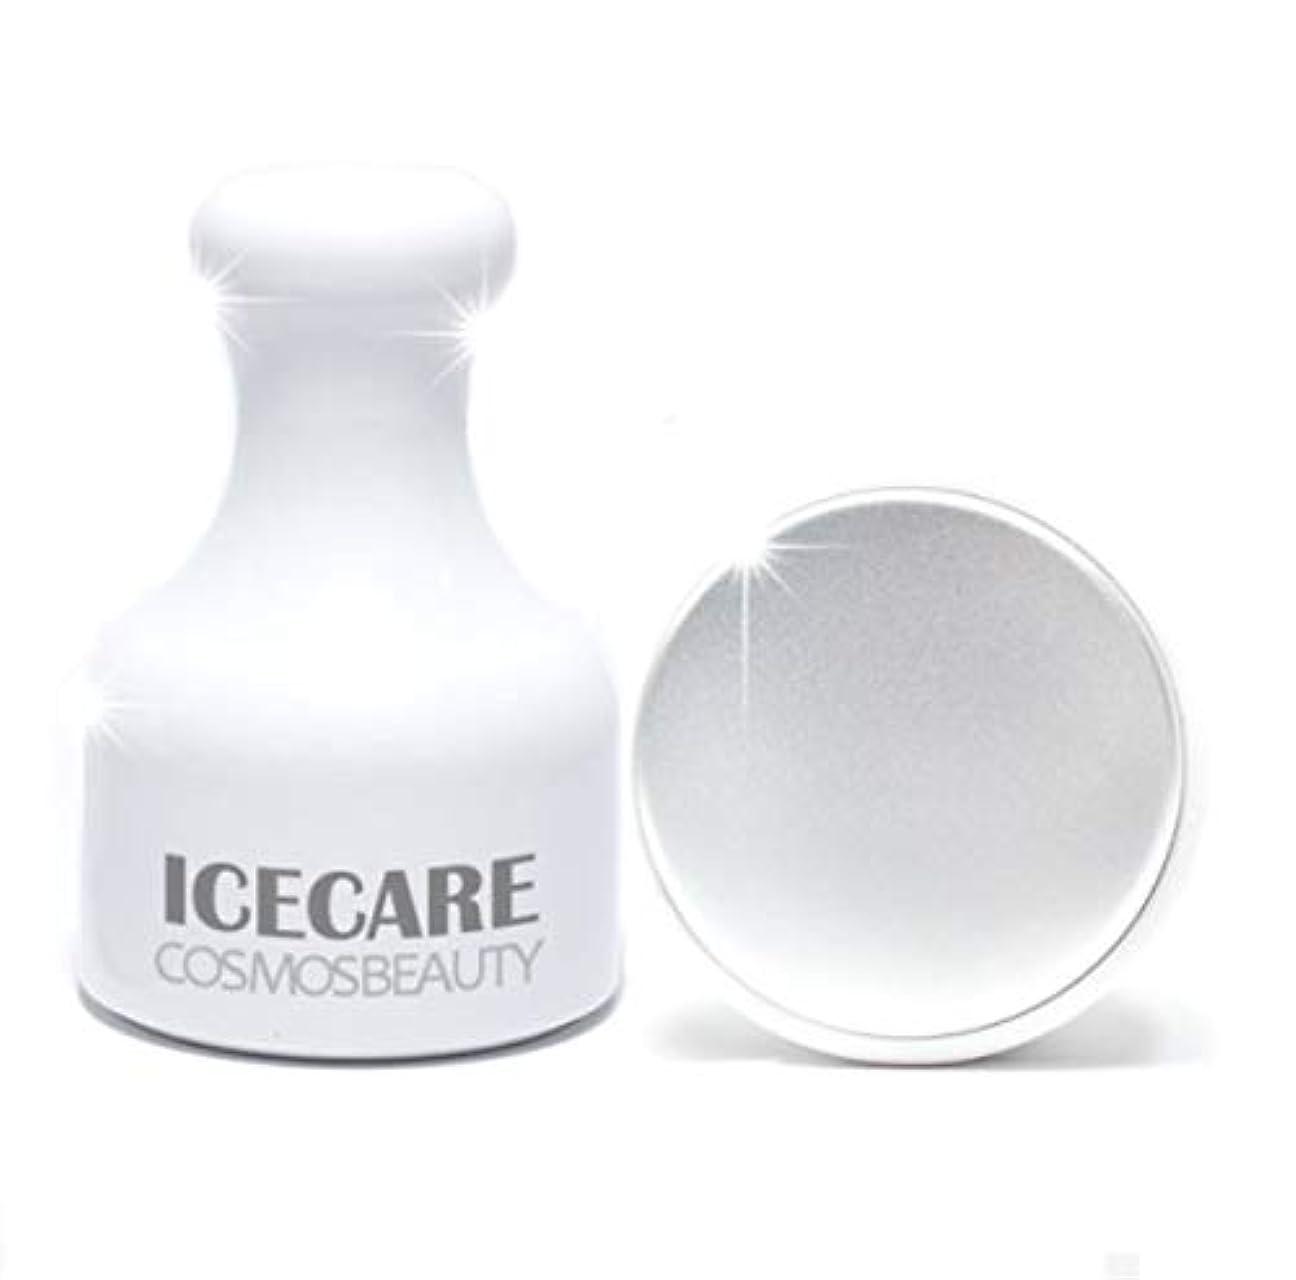 雇った醸造所スペインCosmosbeauty Ice Care 毛穴ケア、冷マッサージ,フェイスクーラーアイスローラーフェイスローラー顔マッサージ機構の腫れ抜き方法毛穴縮小(海外直送品)